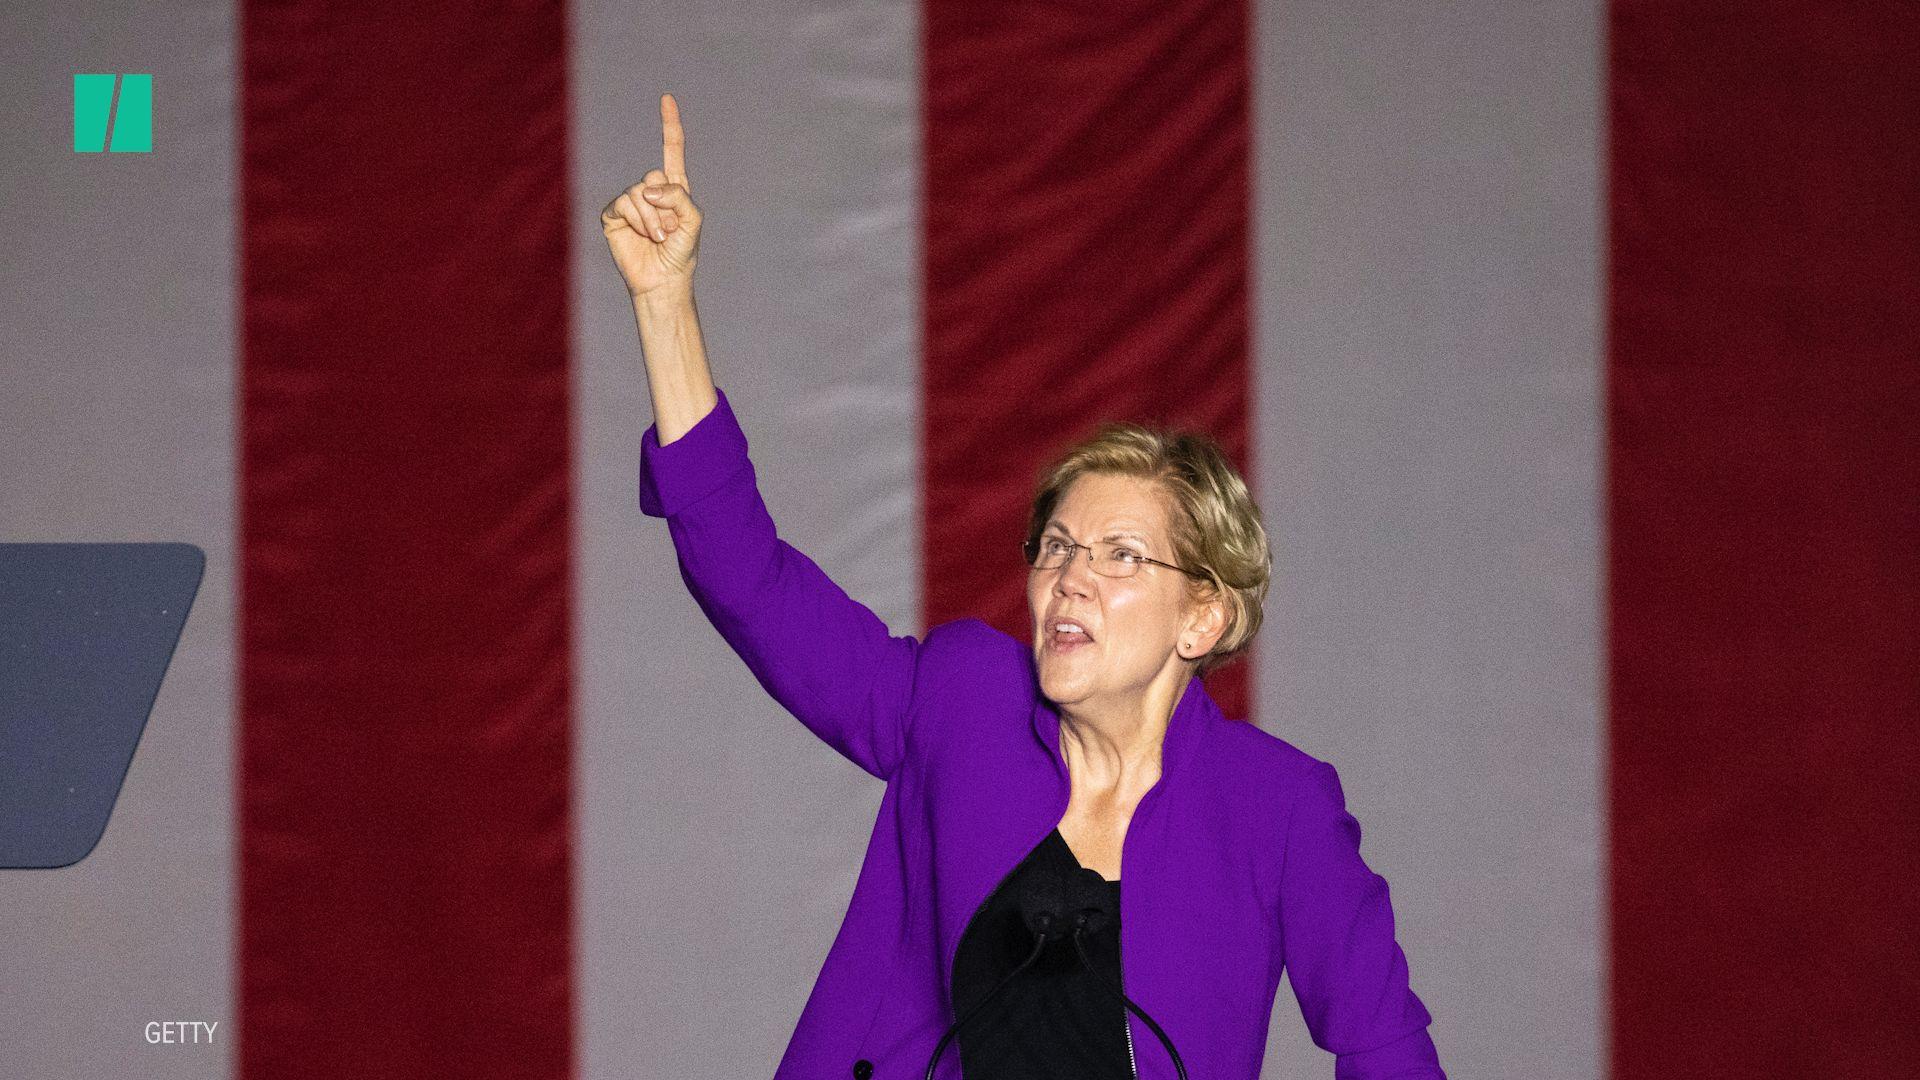 2020 Candidate Elizabeth Warren Tears Into President ...